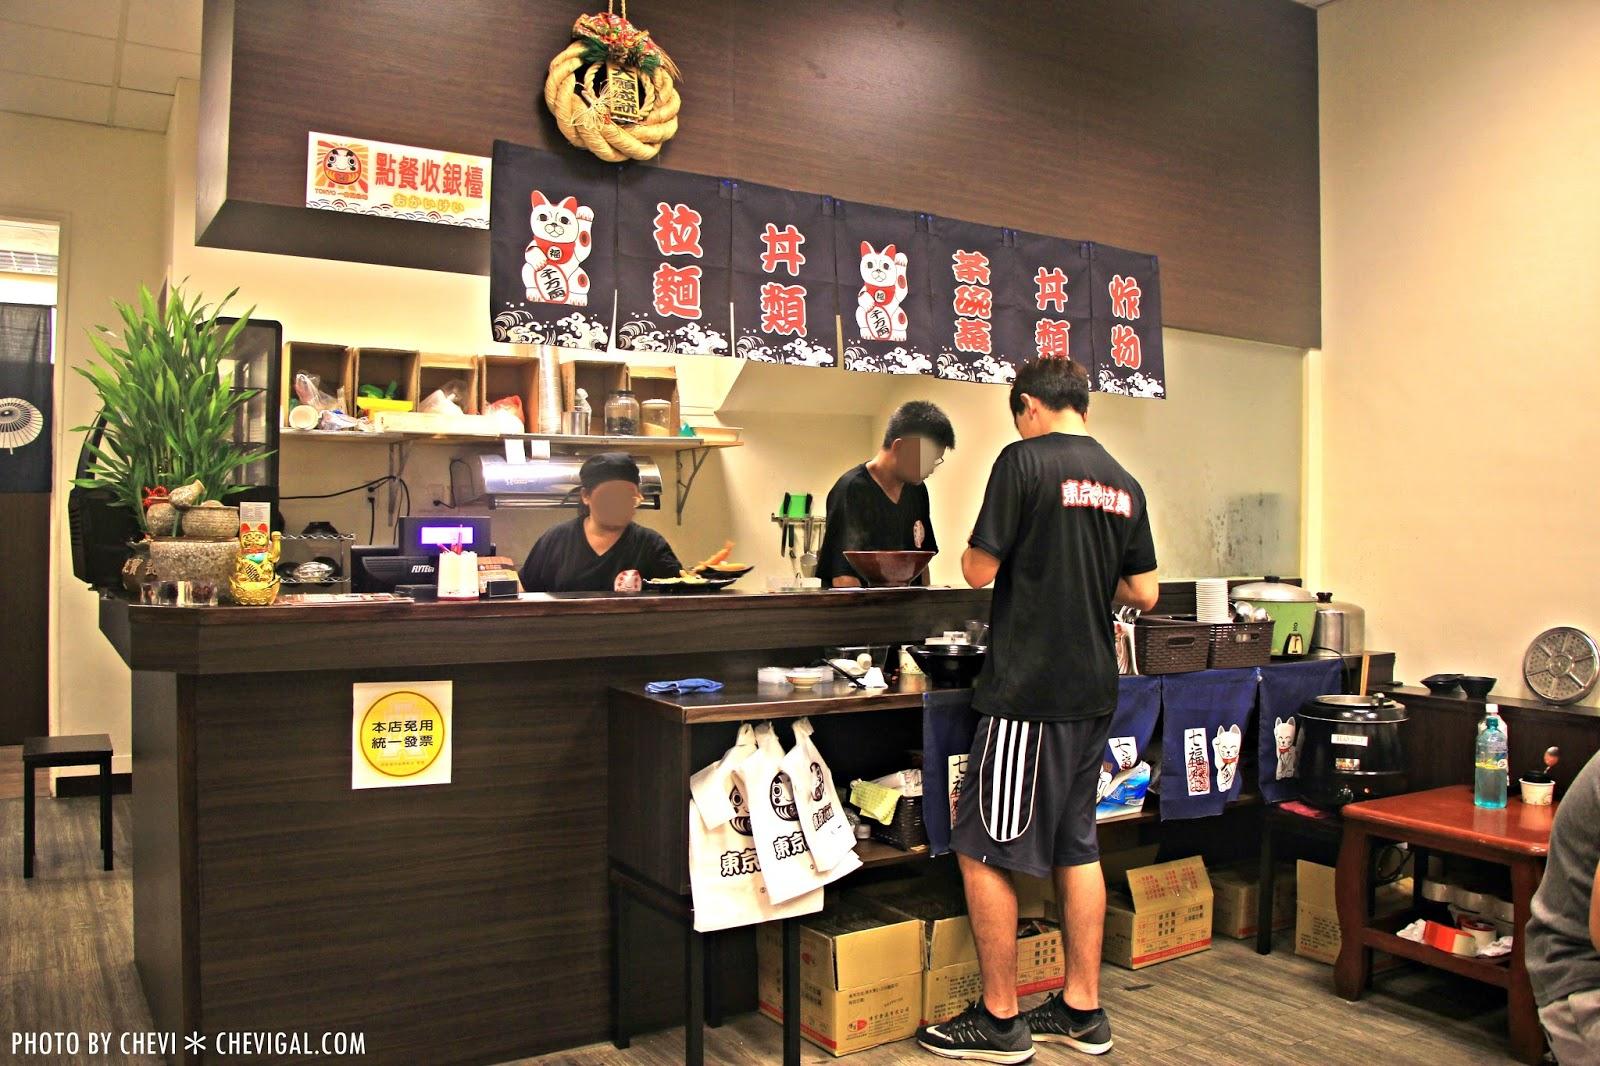 IMG 9392 - 台中烏日│東京屋台拉麵-烏日店。鵝蛋溏心蛋的巨蛋拉麵好特別。平價餐點口味還不錯